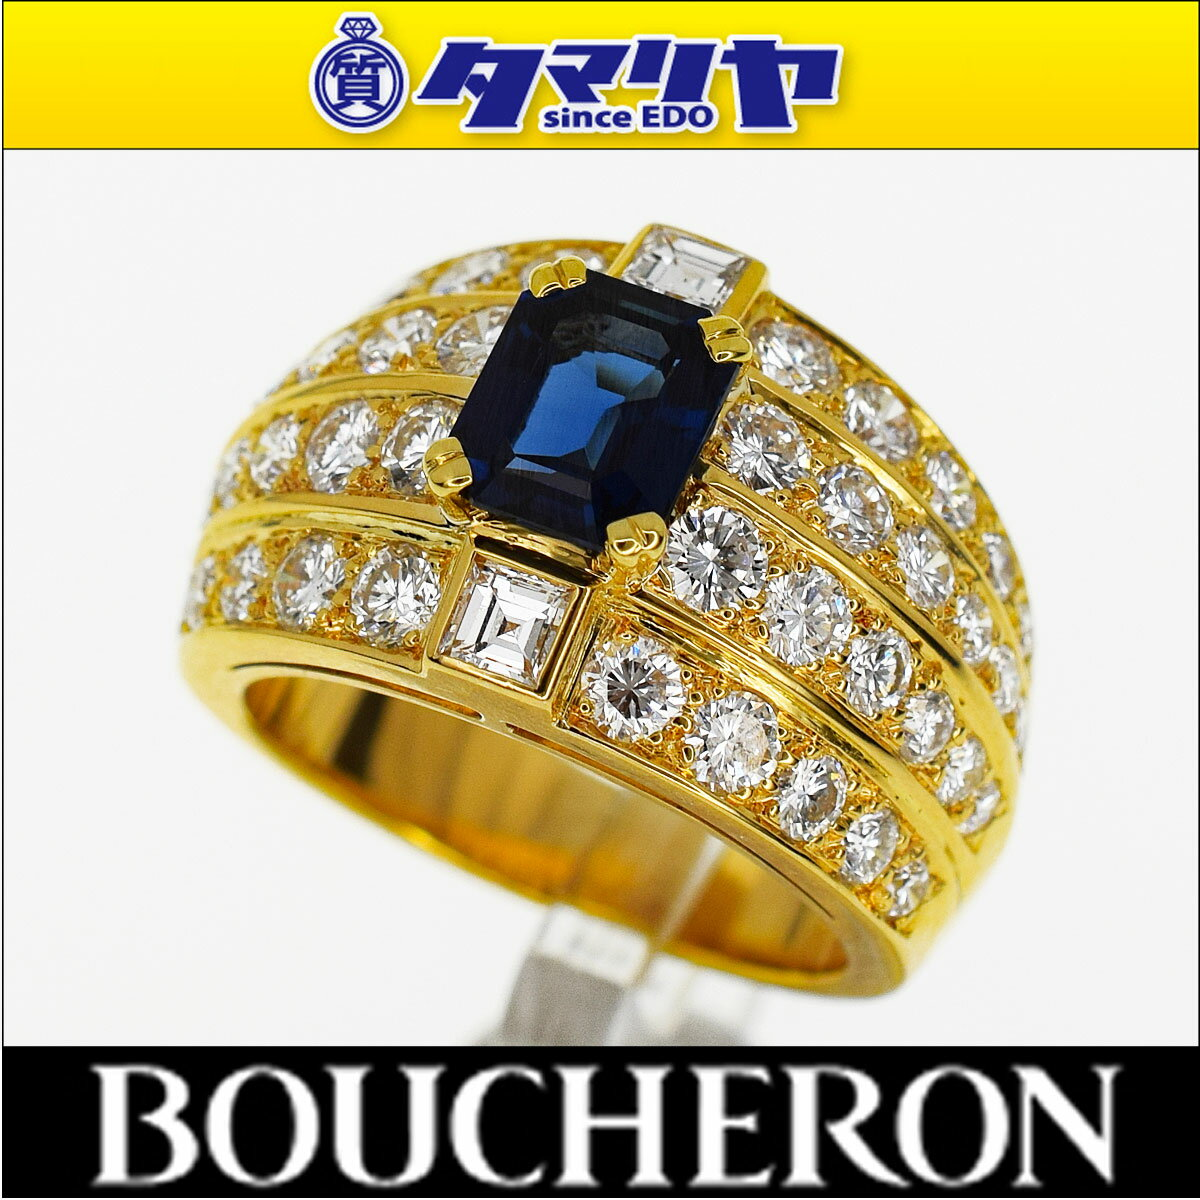 BOUCHERON ブシュロン ブルーサファイア ダイヤ リング 750 K18 YG イエローゴールド 日本サイズ約10号 ♯50【送料無料】【代引き手数料無料】レディース【中古】29380503